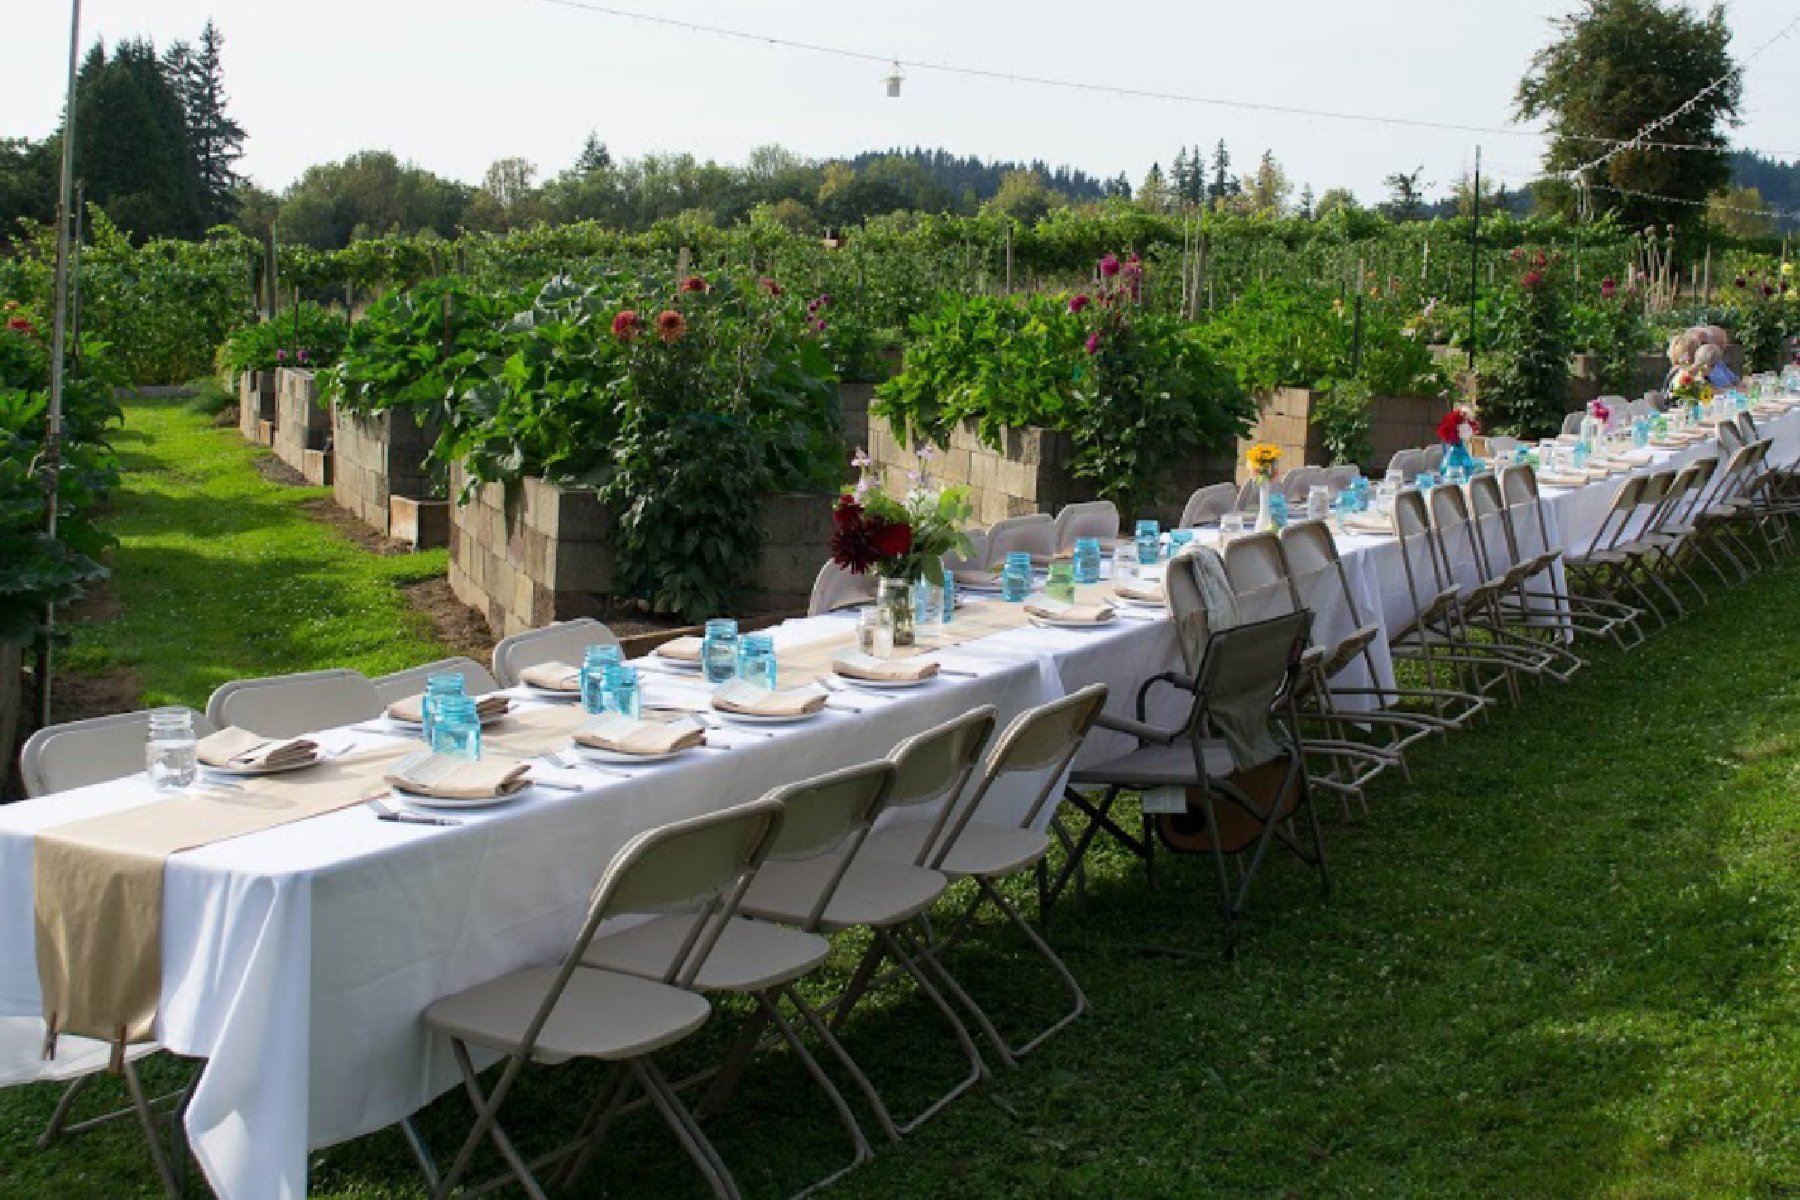 Fiala Farms Farm to Table Dinner Events West Linn Oregon